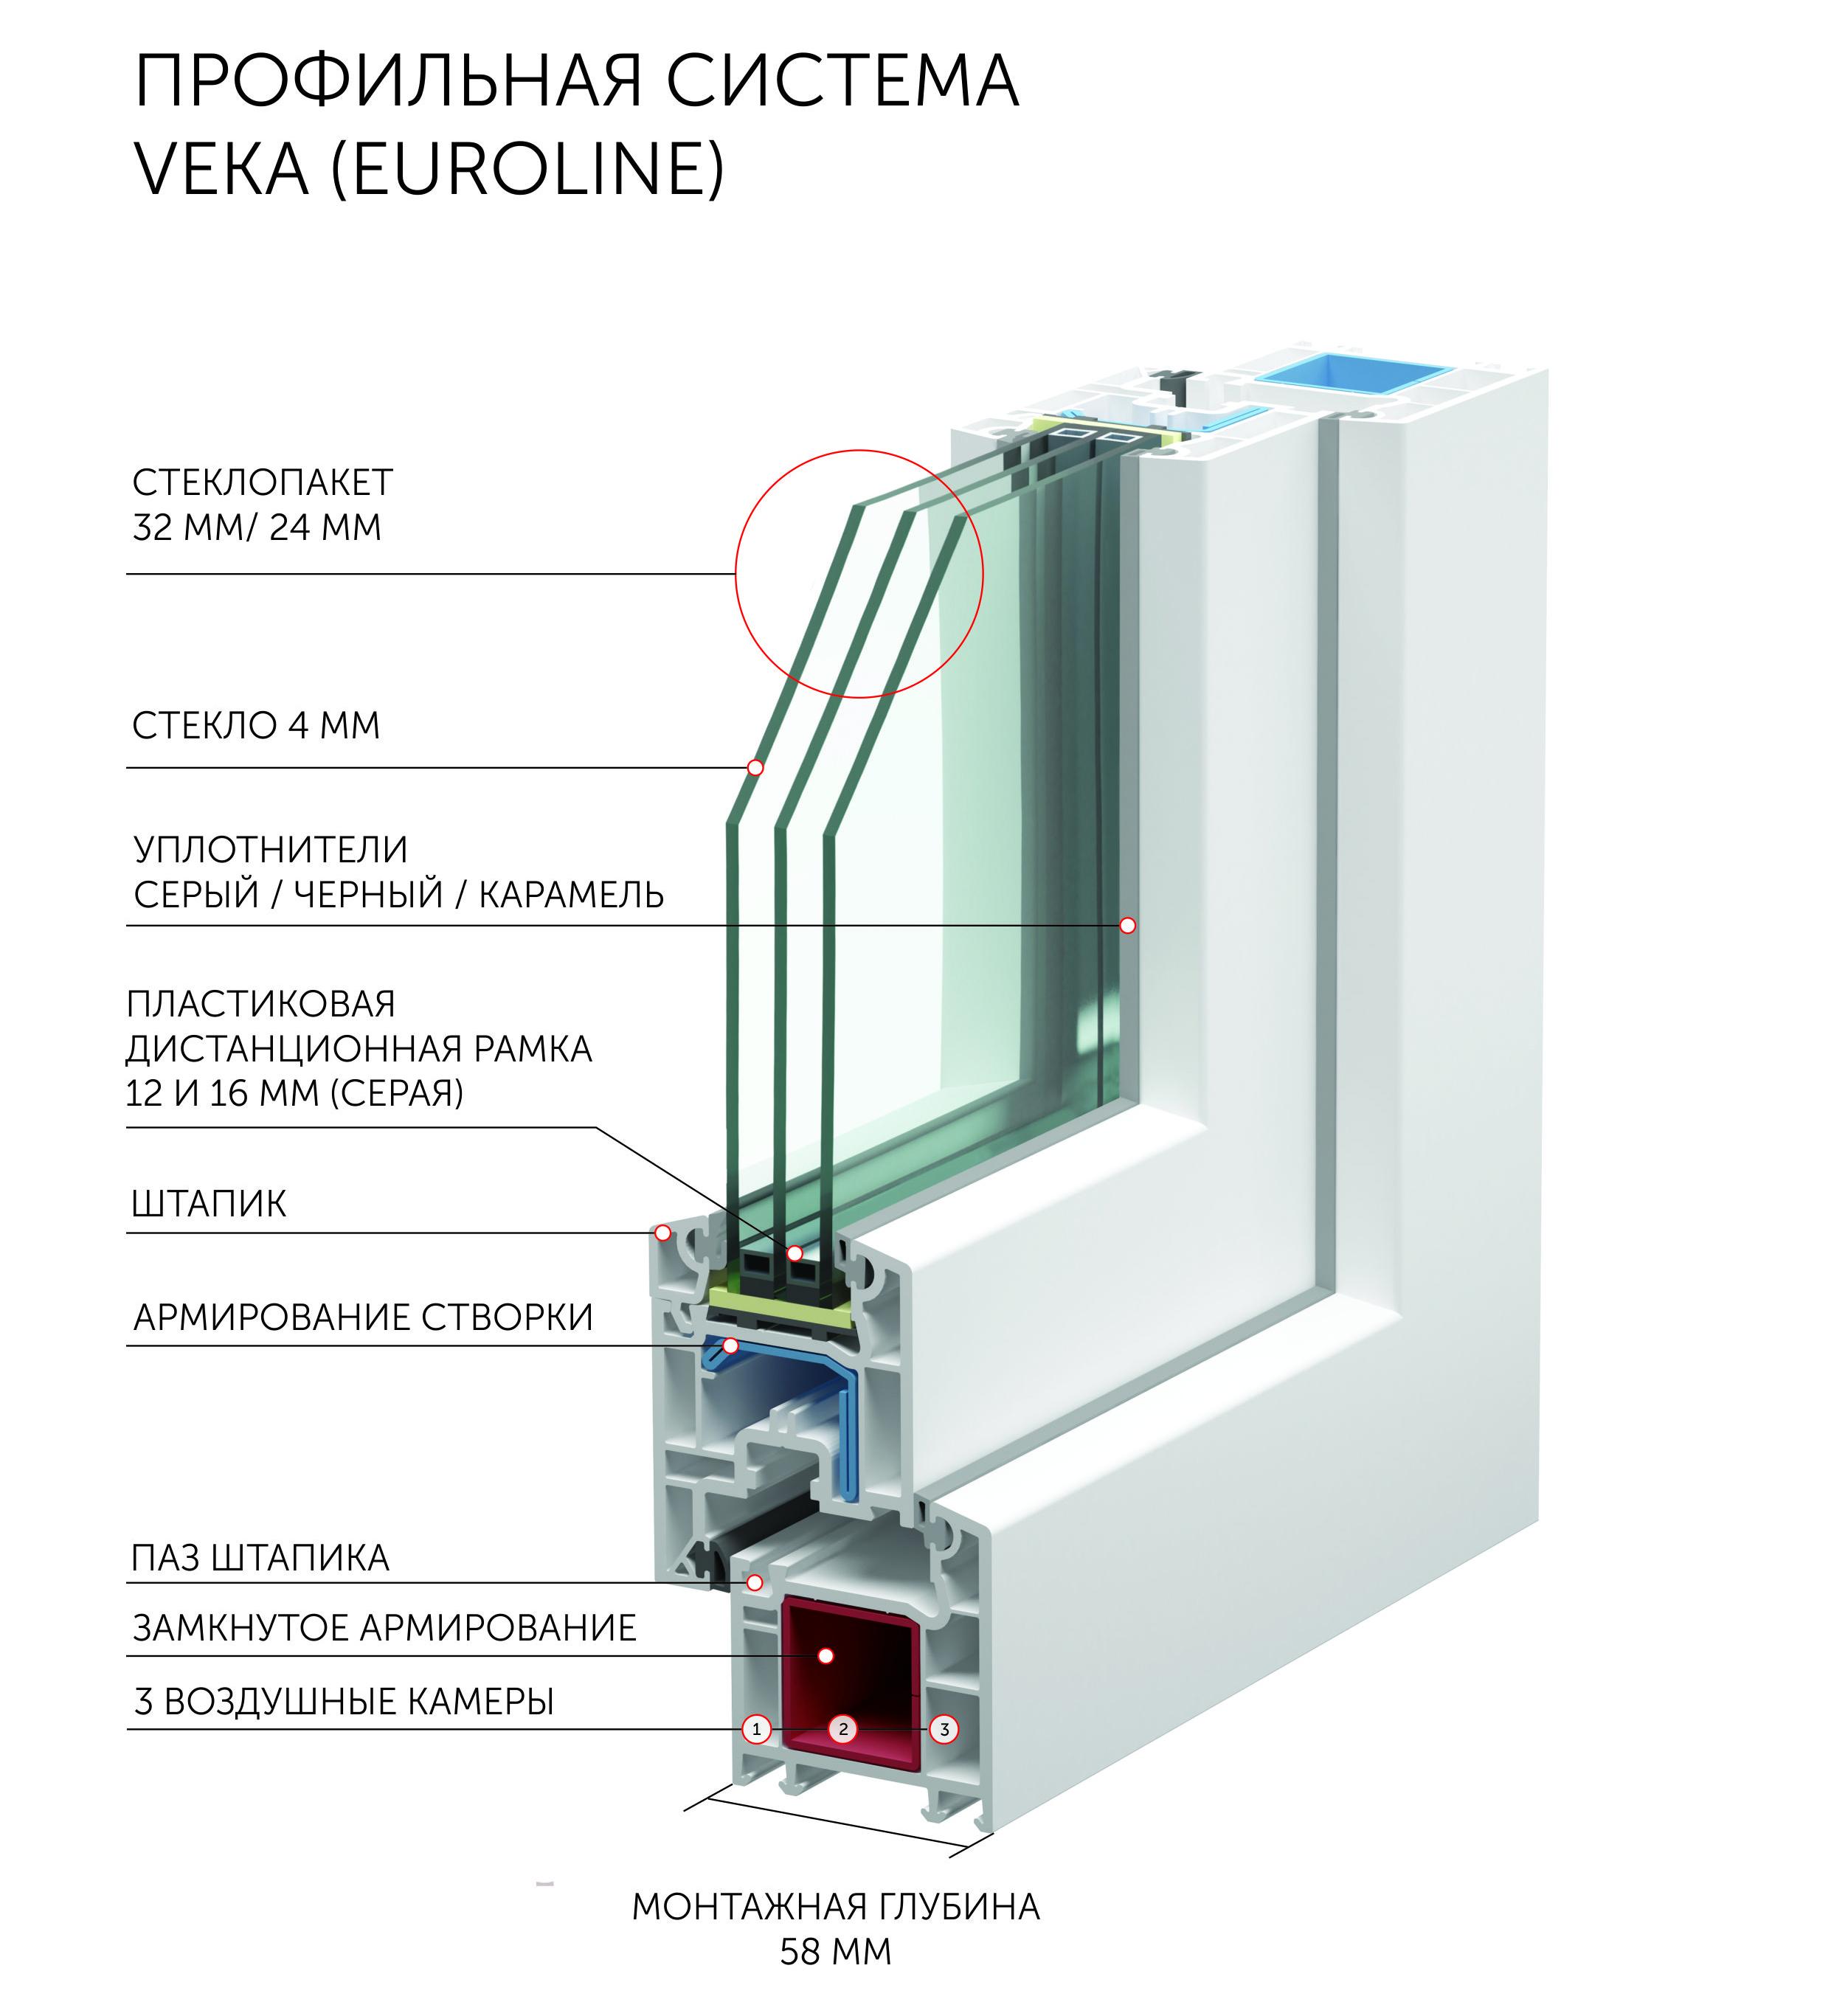 продажа и установка пластиковых окон Veka Euroline